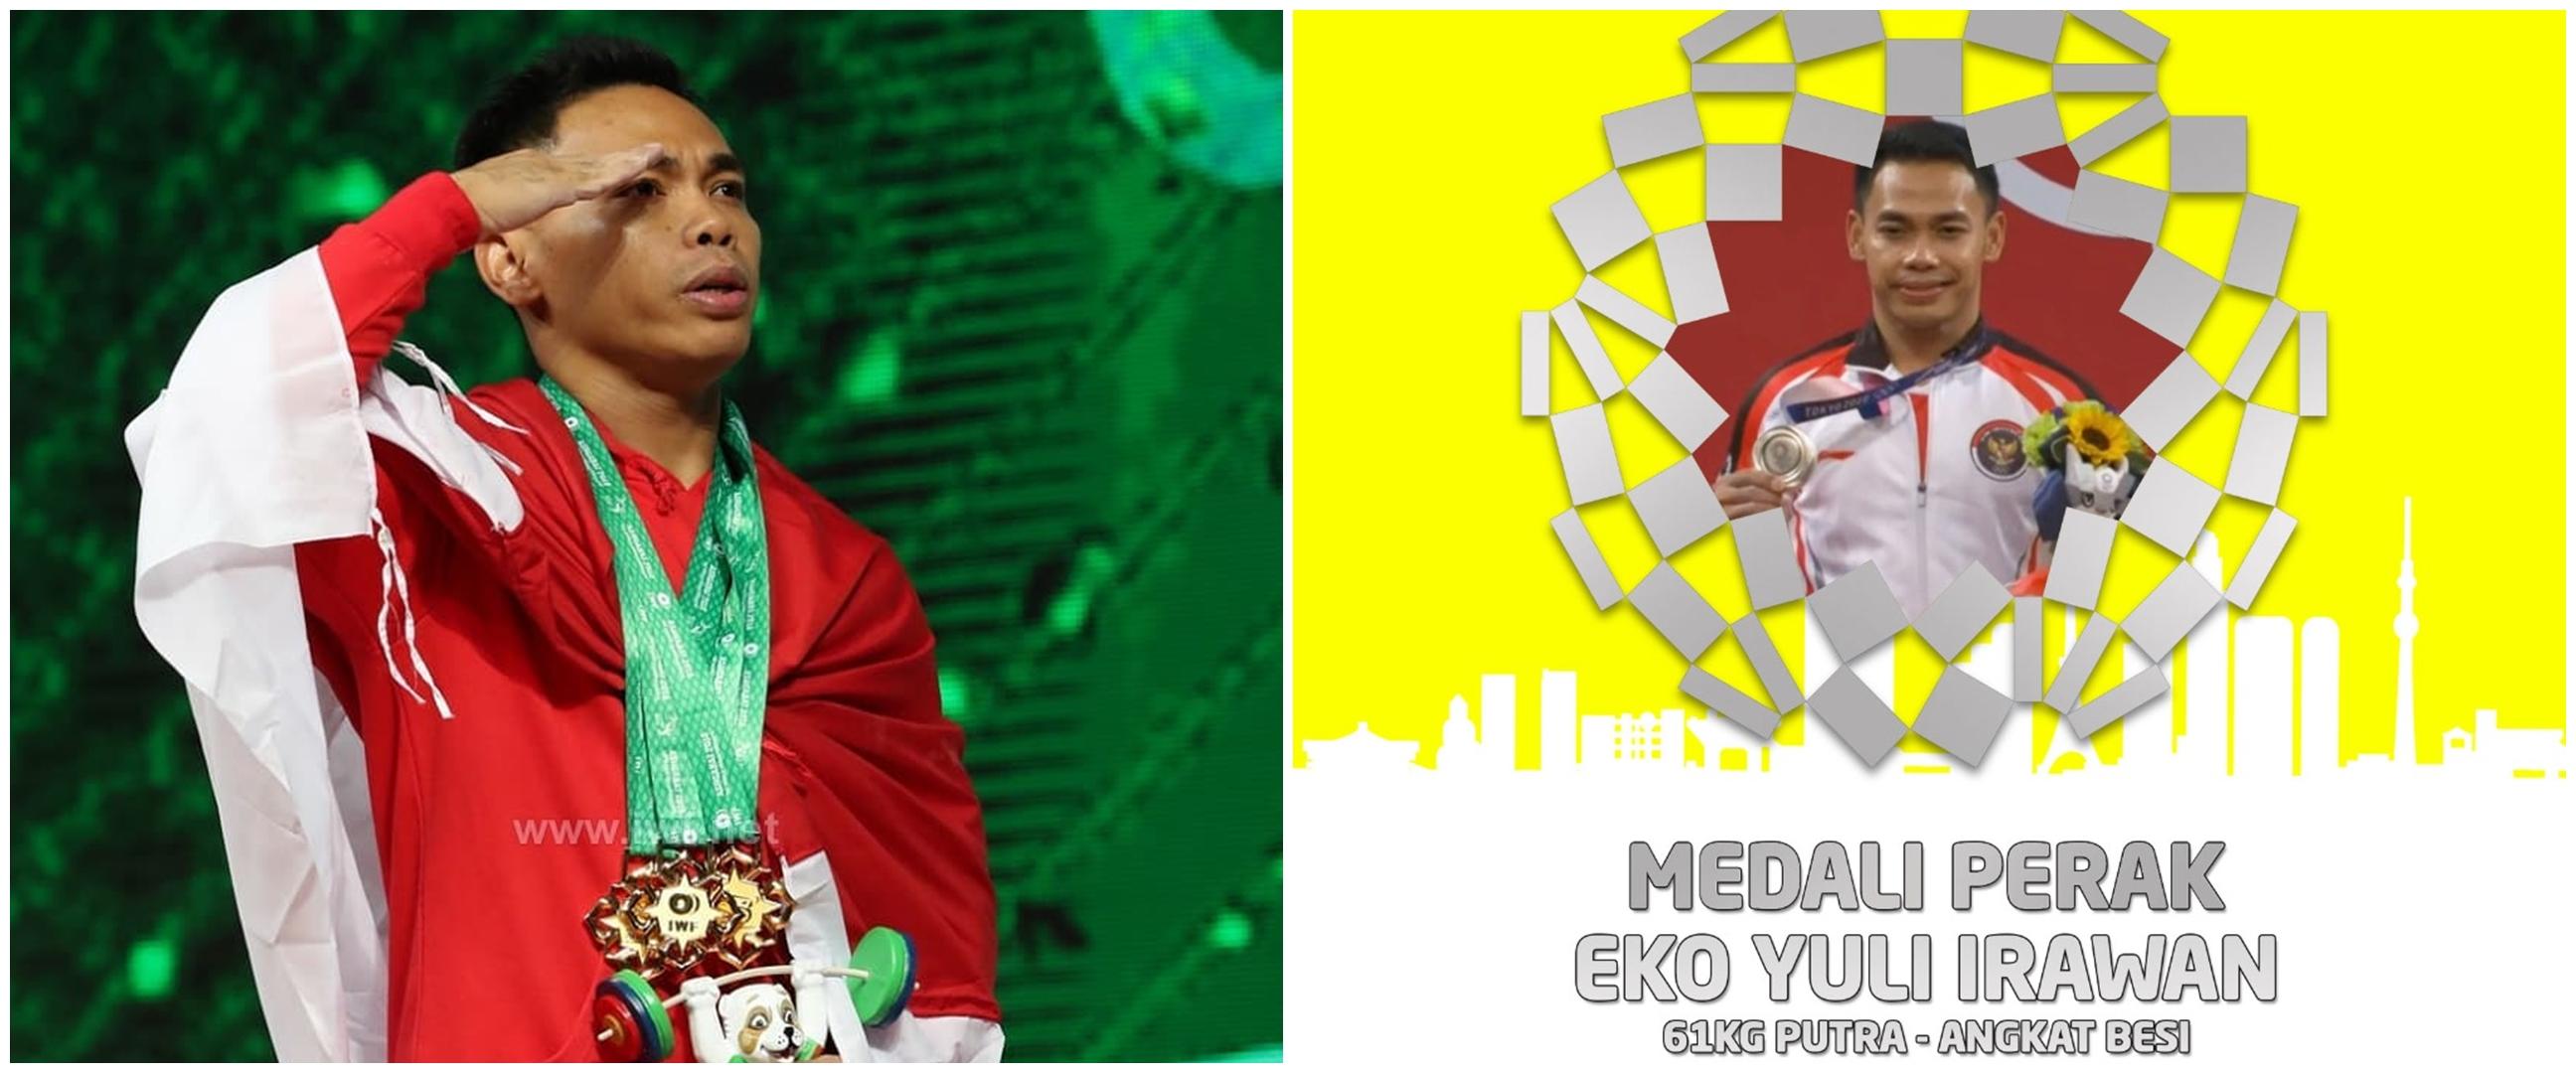 Ungkapan haru Eko Yuli Irawan usai sabet medali perak bagi Indonesia